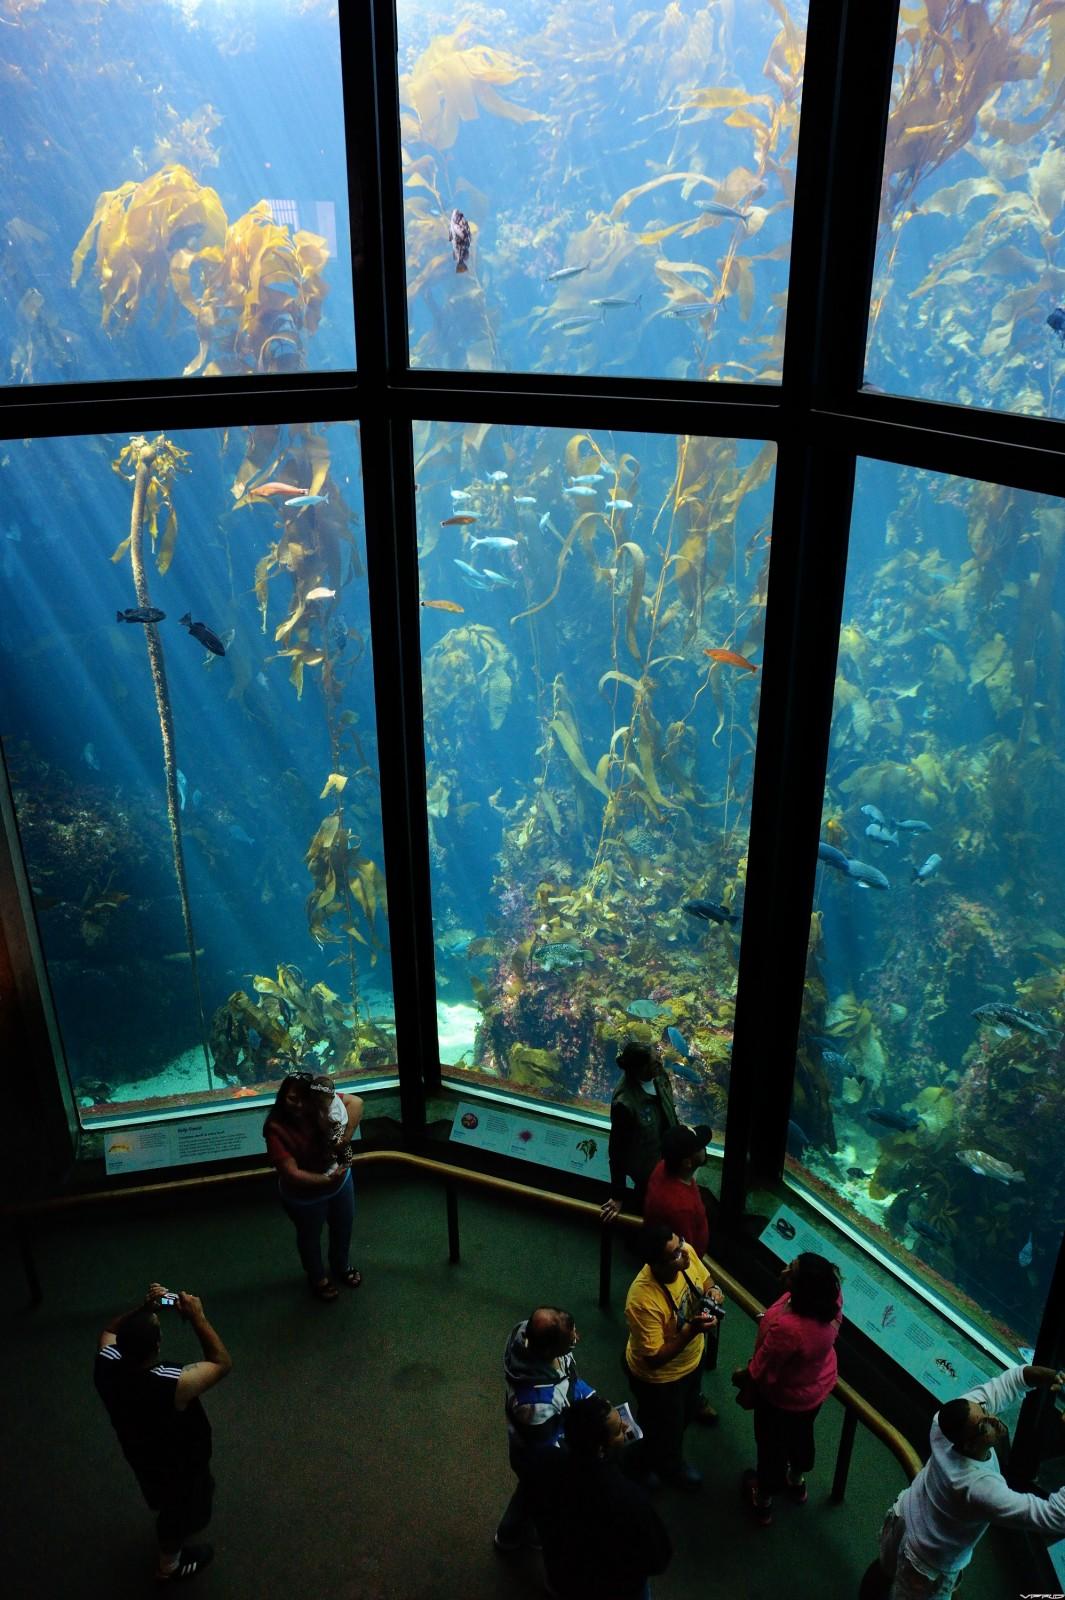 69 - Monterey Bay Aquarium, Cal